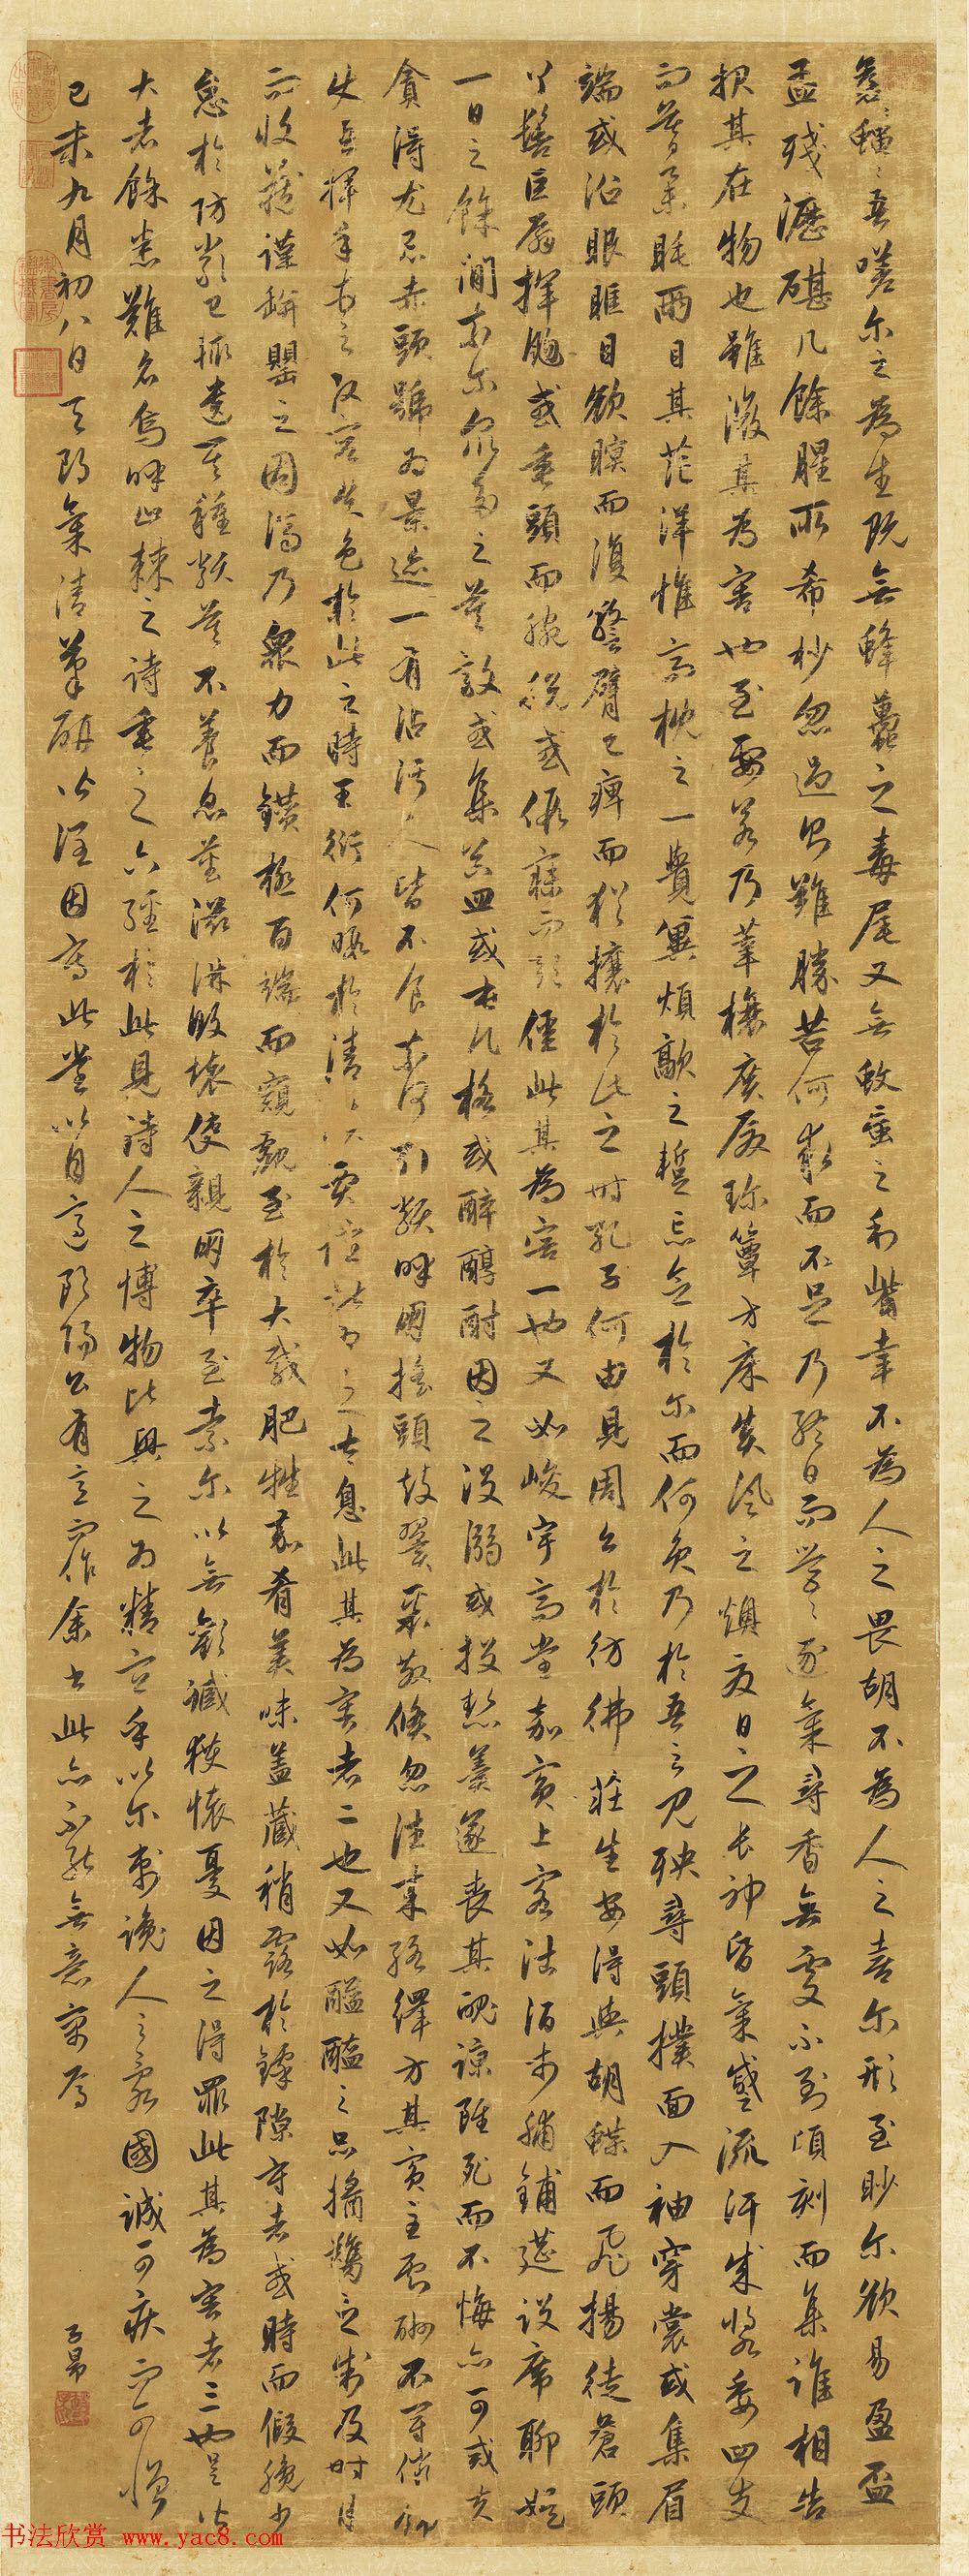 元代书画名家赵孟頫书憎苍蝇文墨迹本(传)